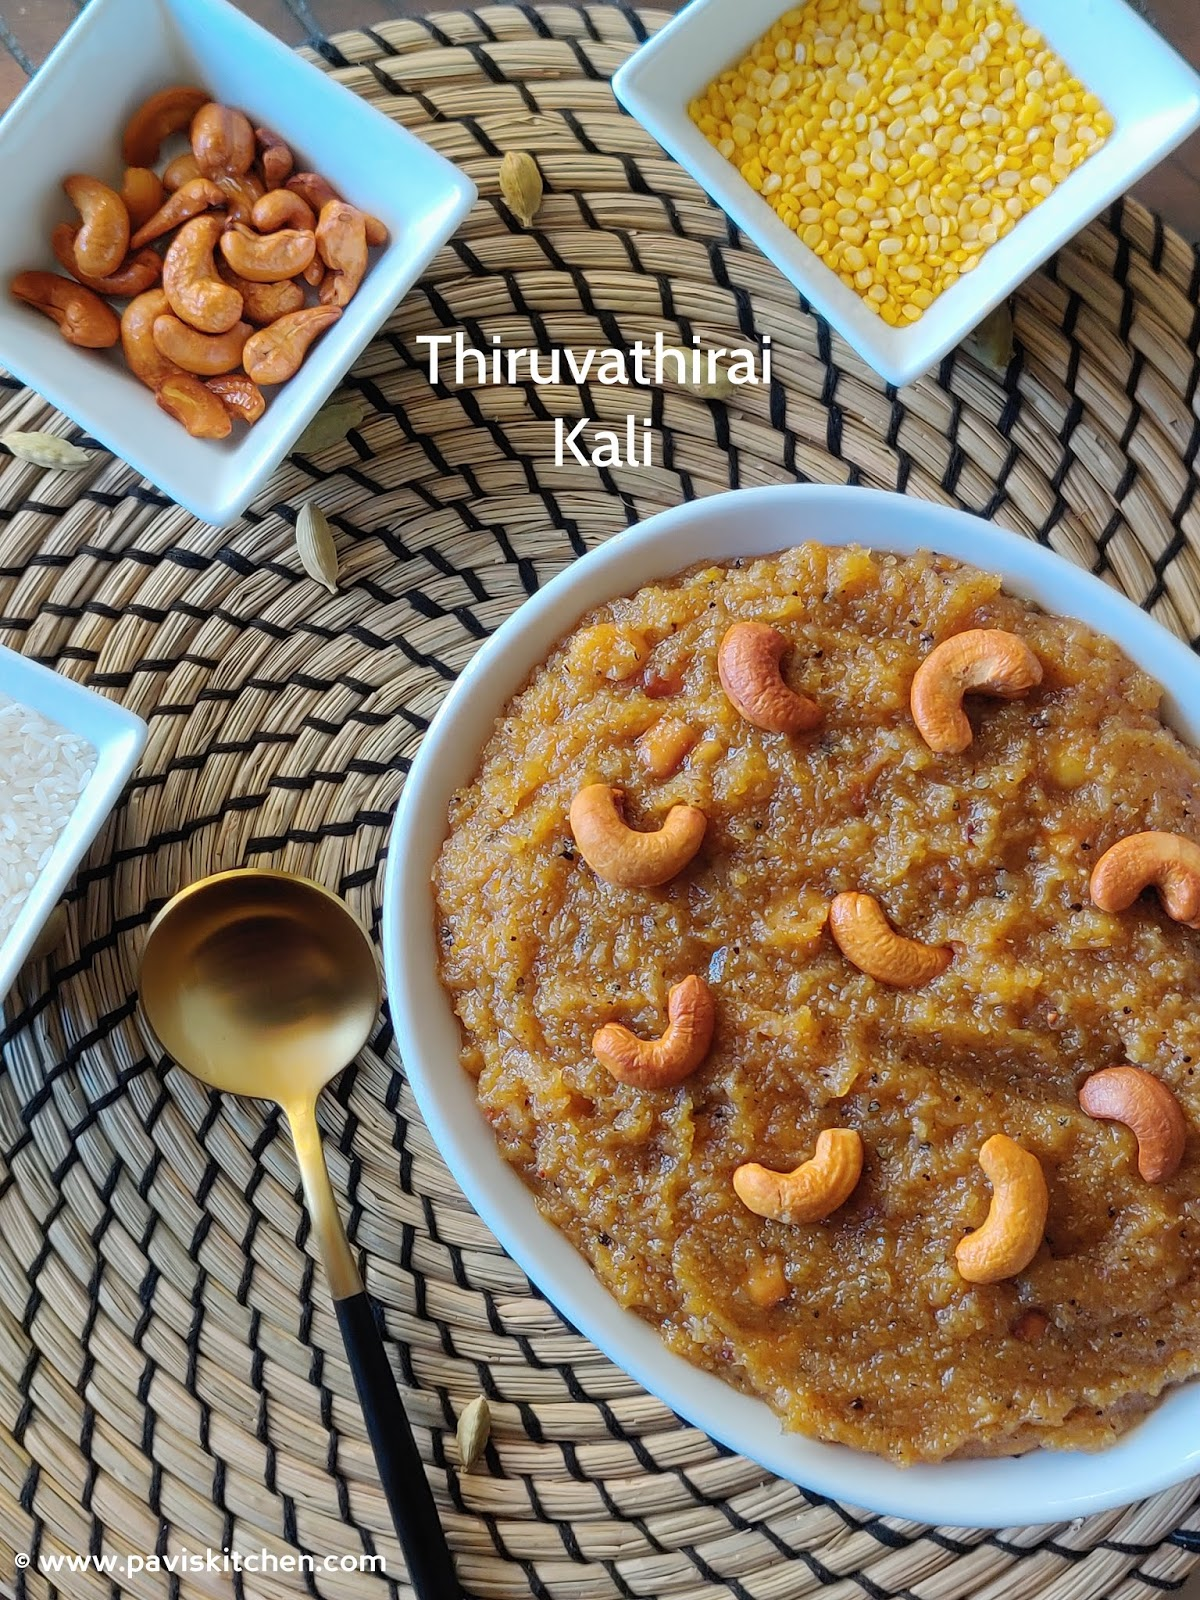 Thiruvathirai Kali Recipe